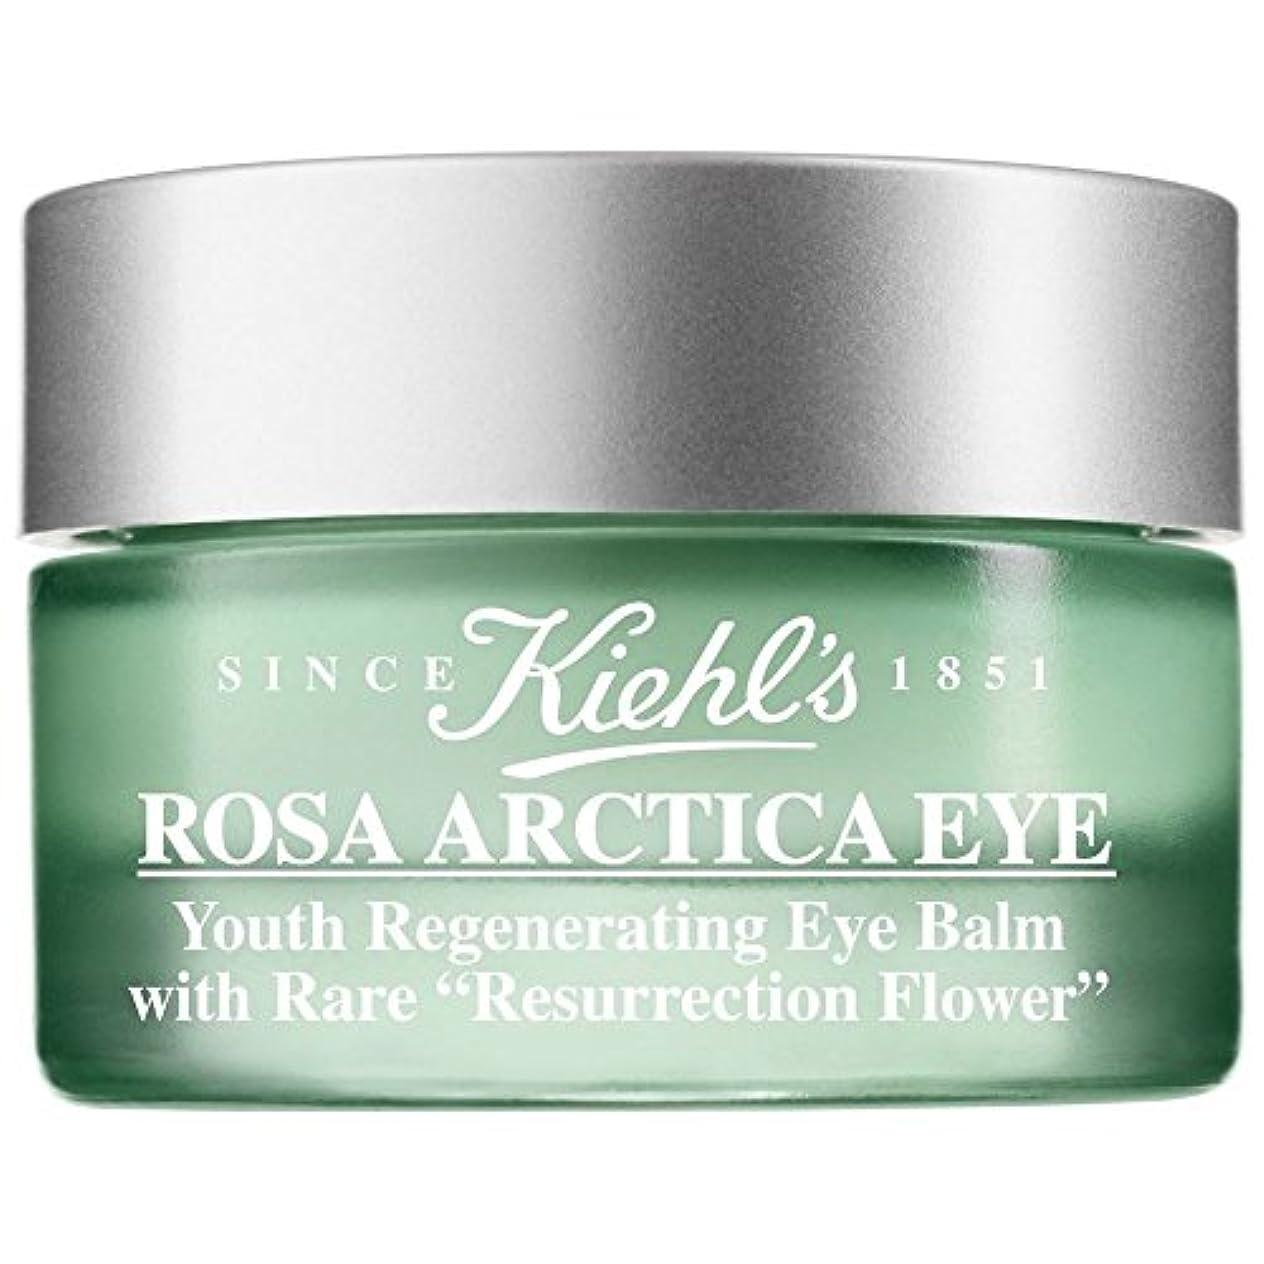 ソーシャルあいまいさケント[Kiehl's] キールズローザArticaアイ14ミリリットル - Kiehl's Rosa Artica Eye 14ml [並行輸入品]